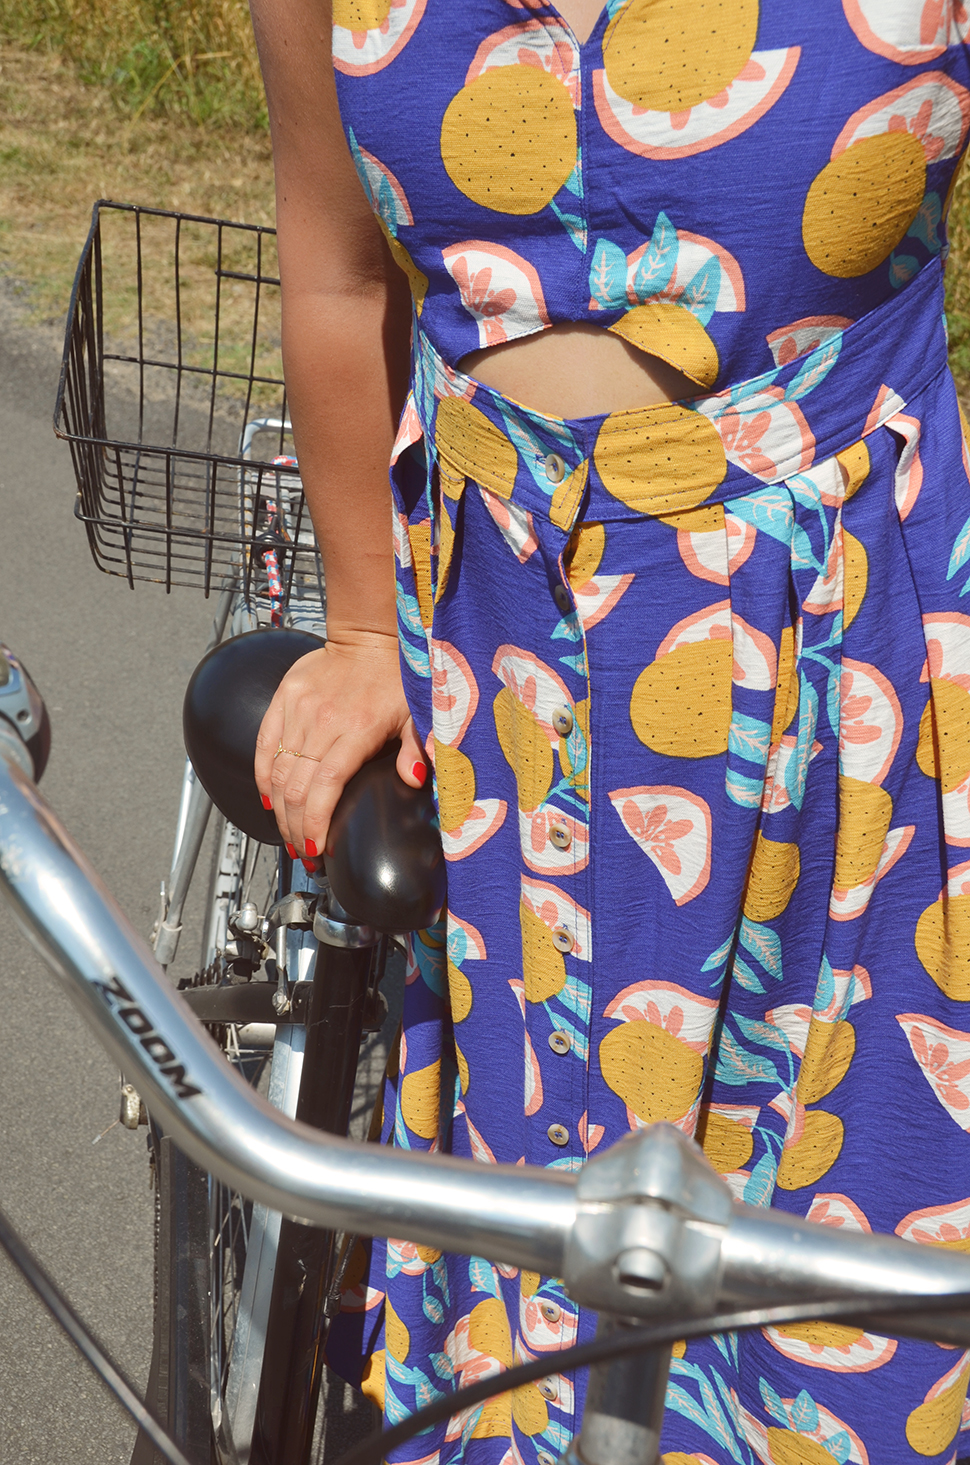 Helloitsvalentine_iledere_bicycle_Cocorrina_Pimkie_5